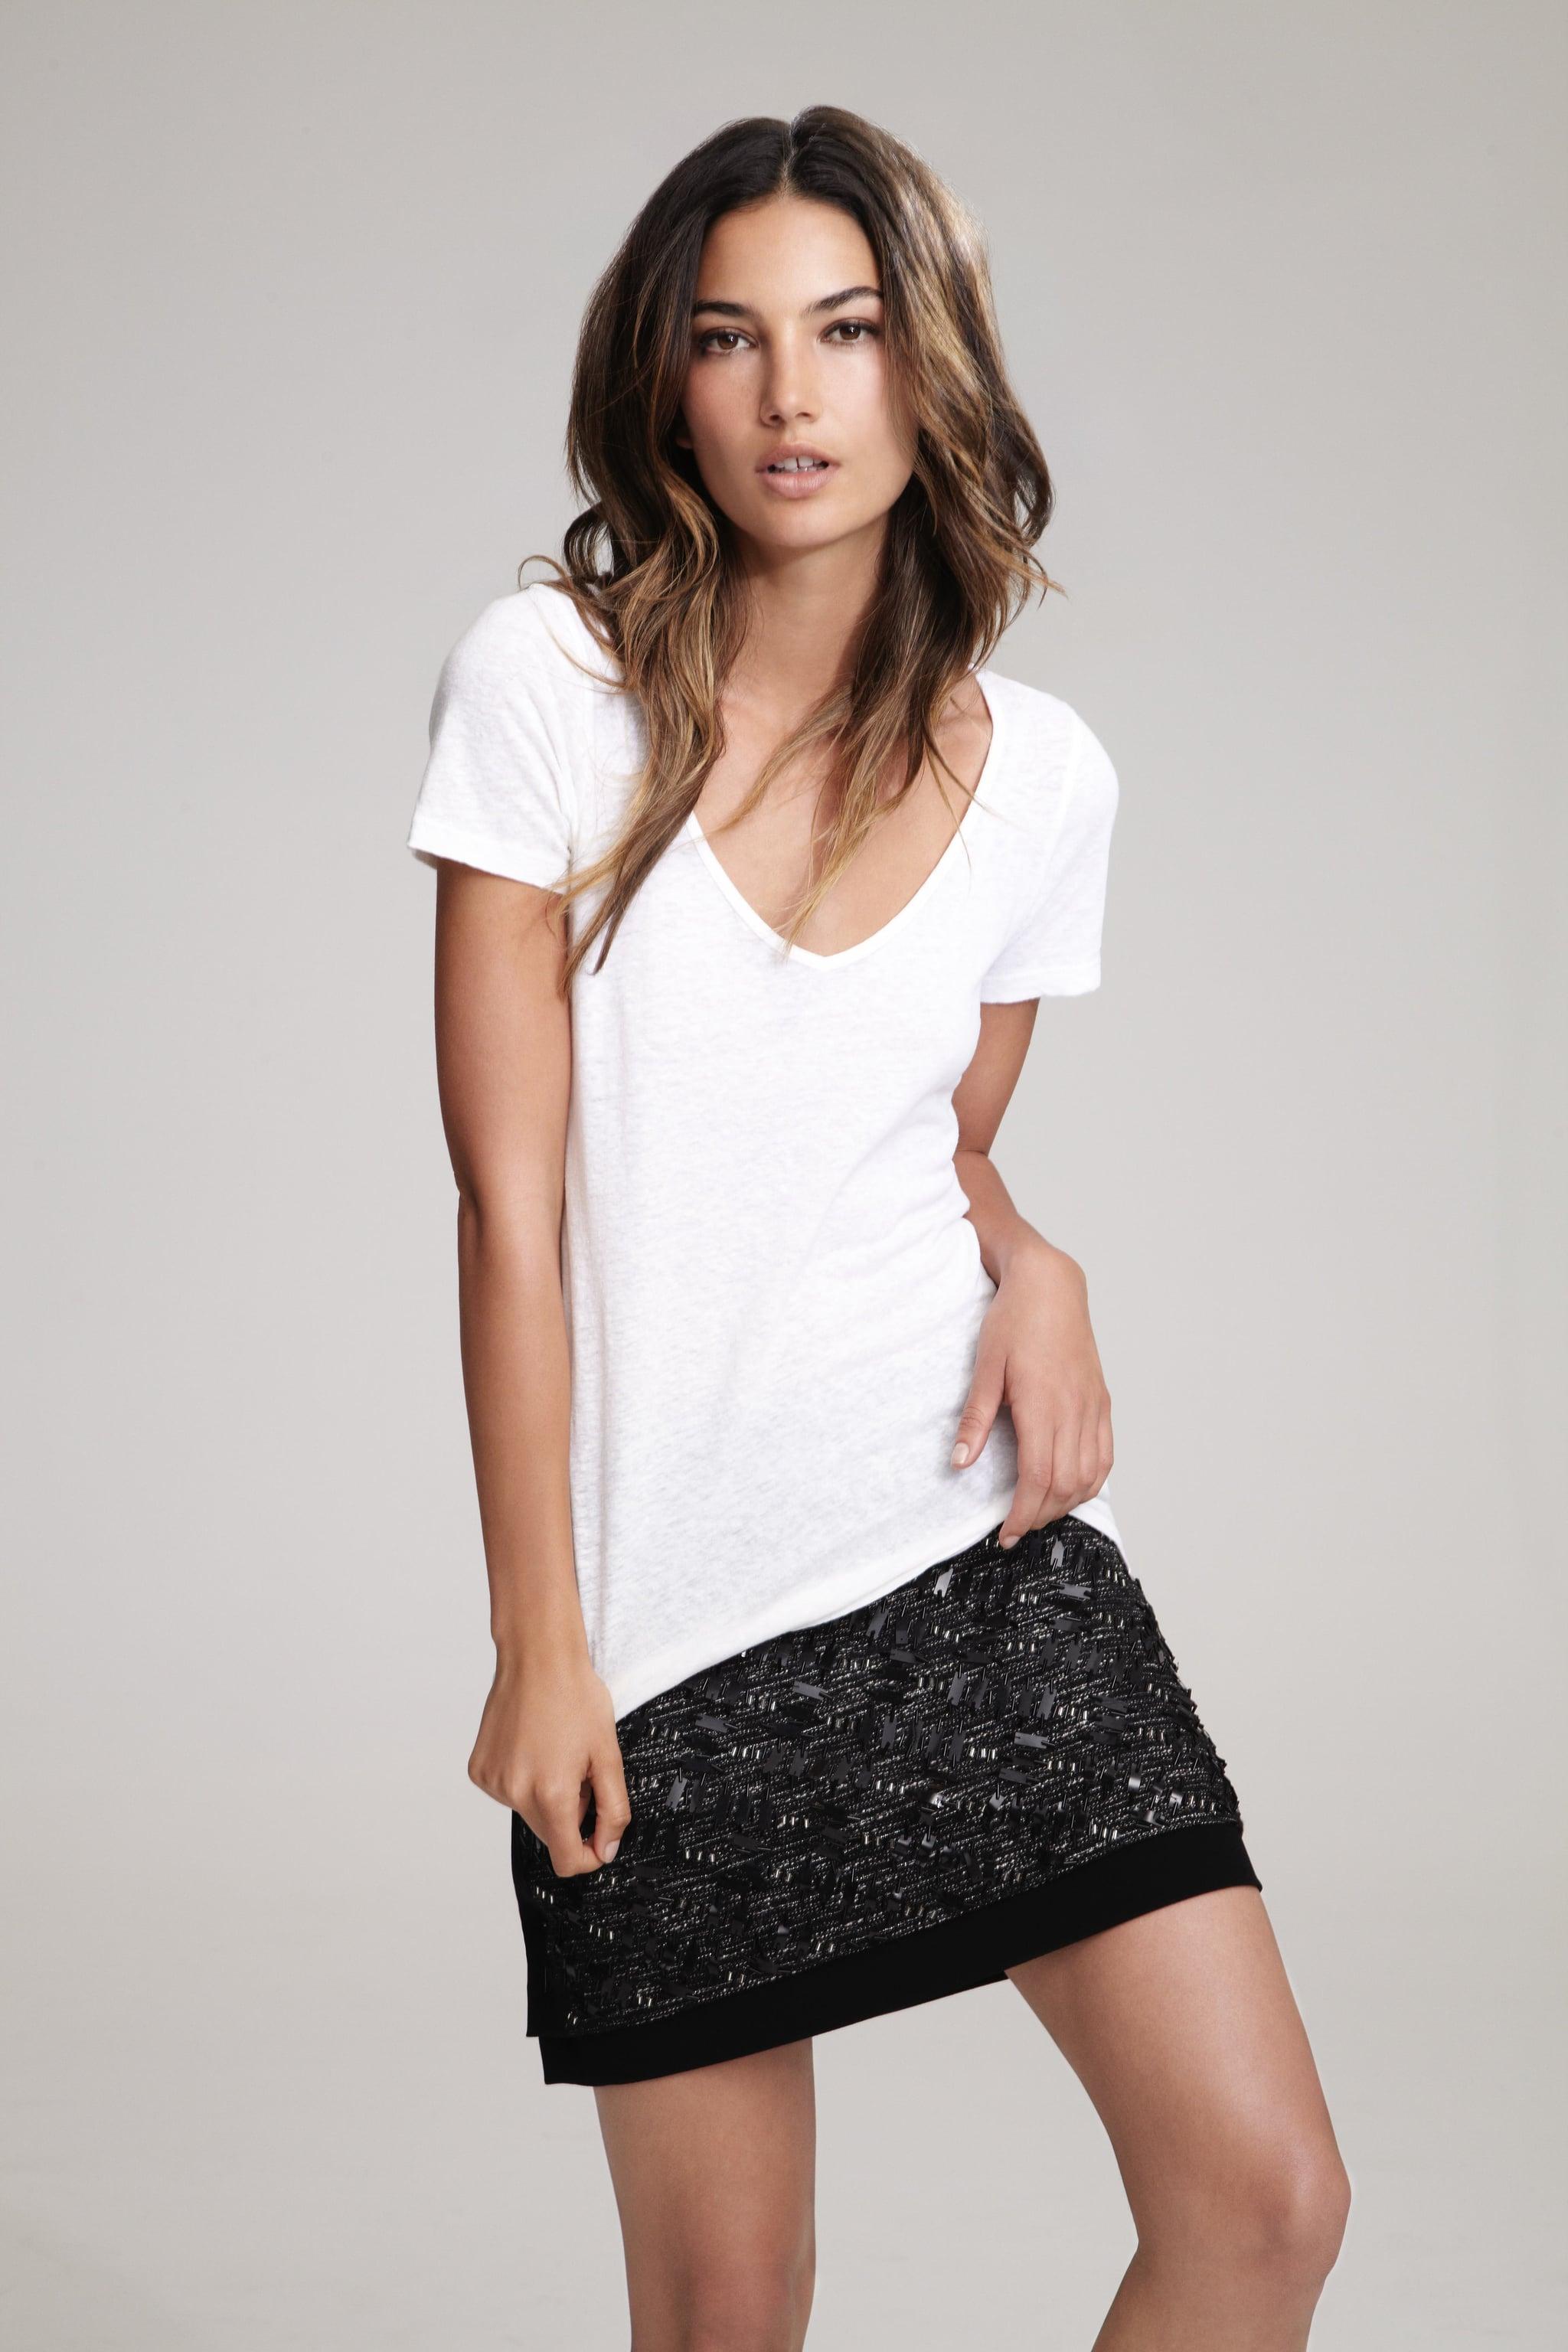 Lily Aldridge For Velvet Michaeline Cotton Hemp T-Shirt ($77) Source: Courtesy of Velvet